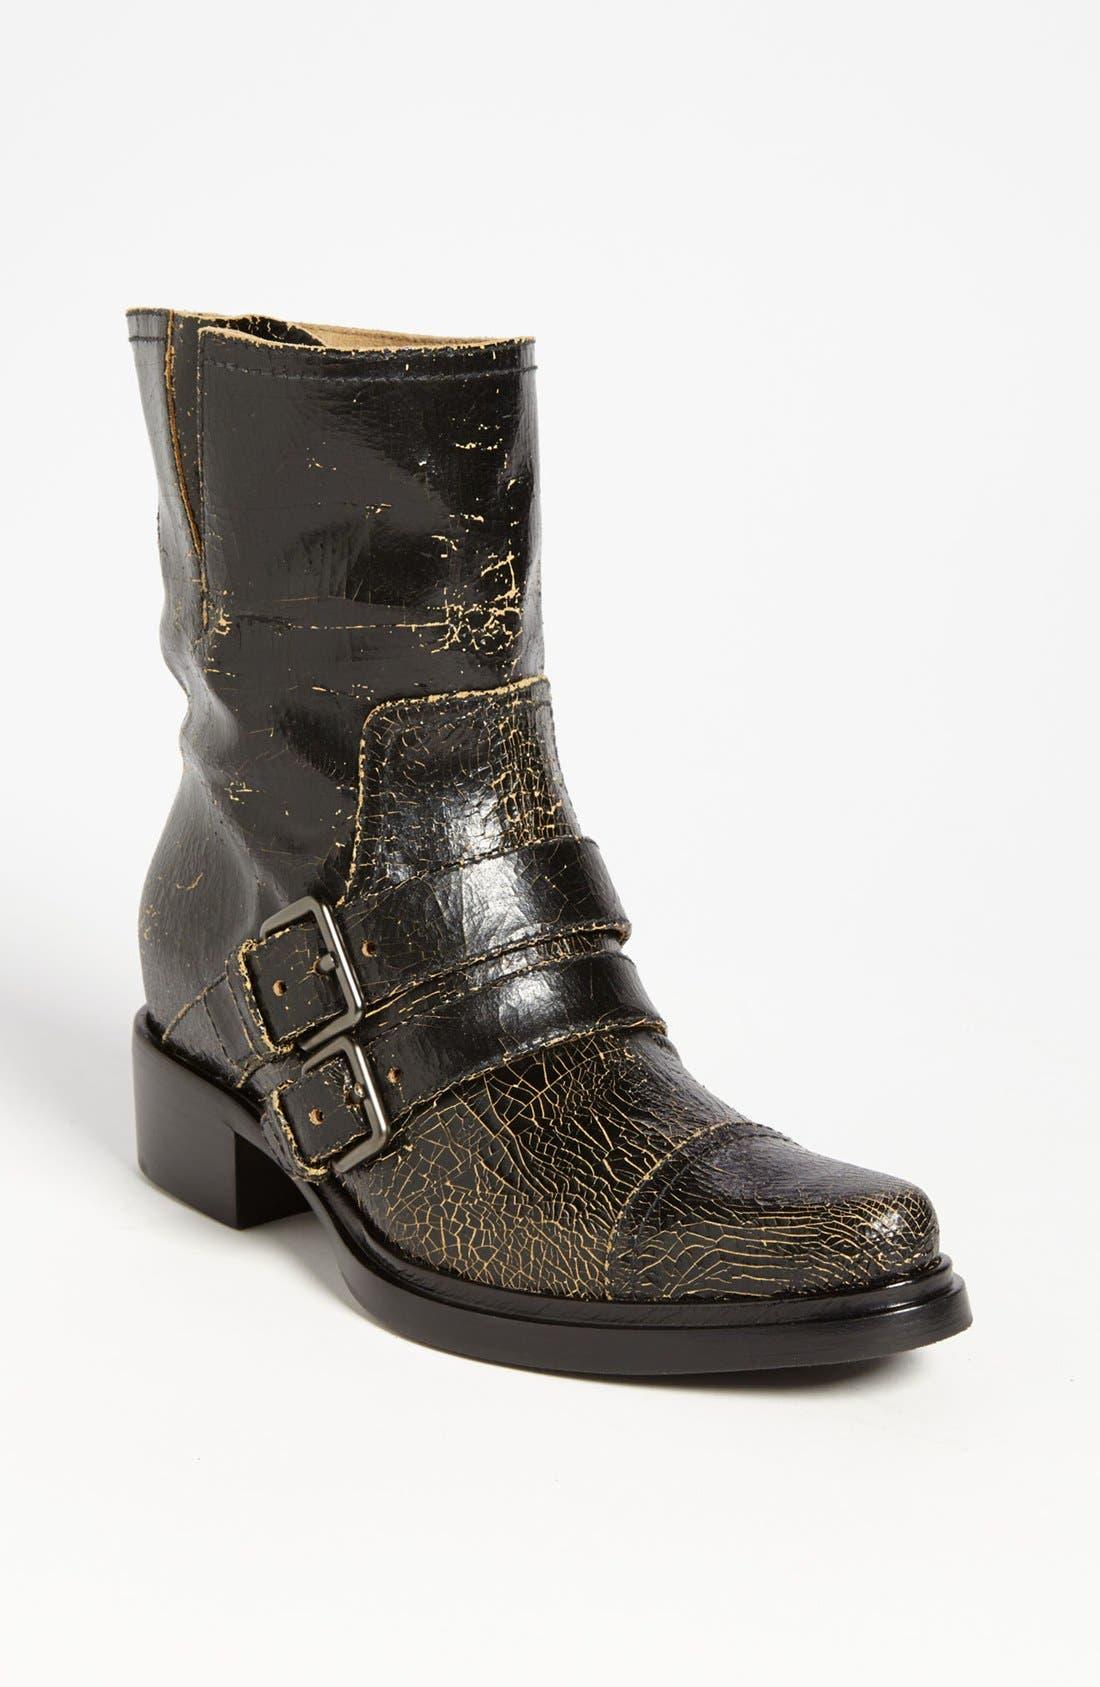 Alternate Image 1 Selected - Miu Miu Ankle Boot